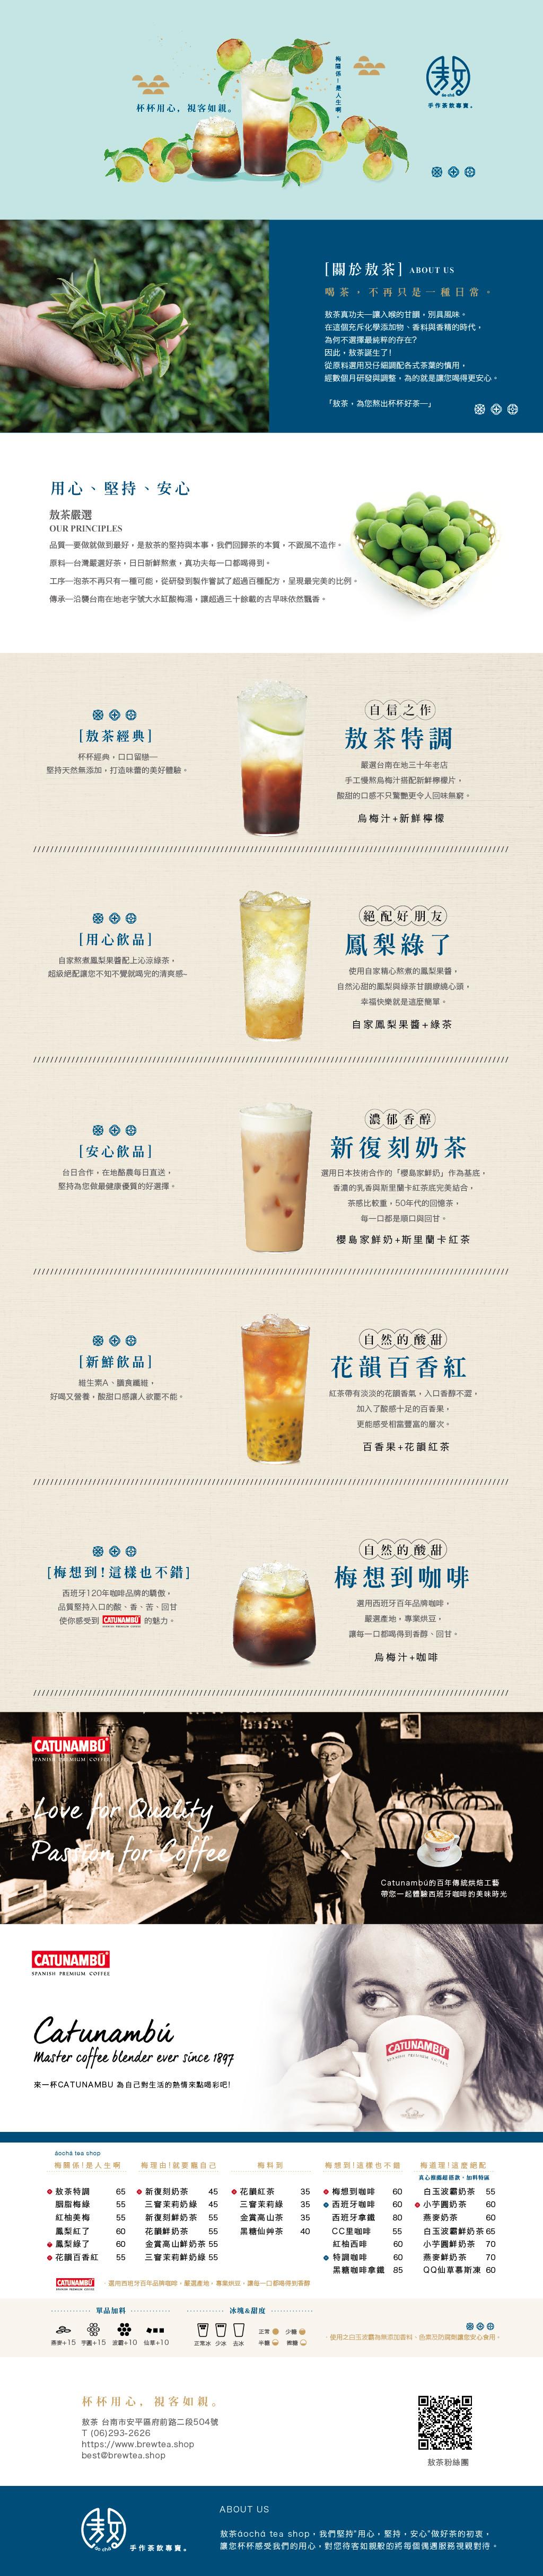 台南飲料敖茶